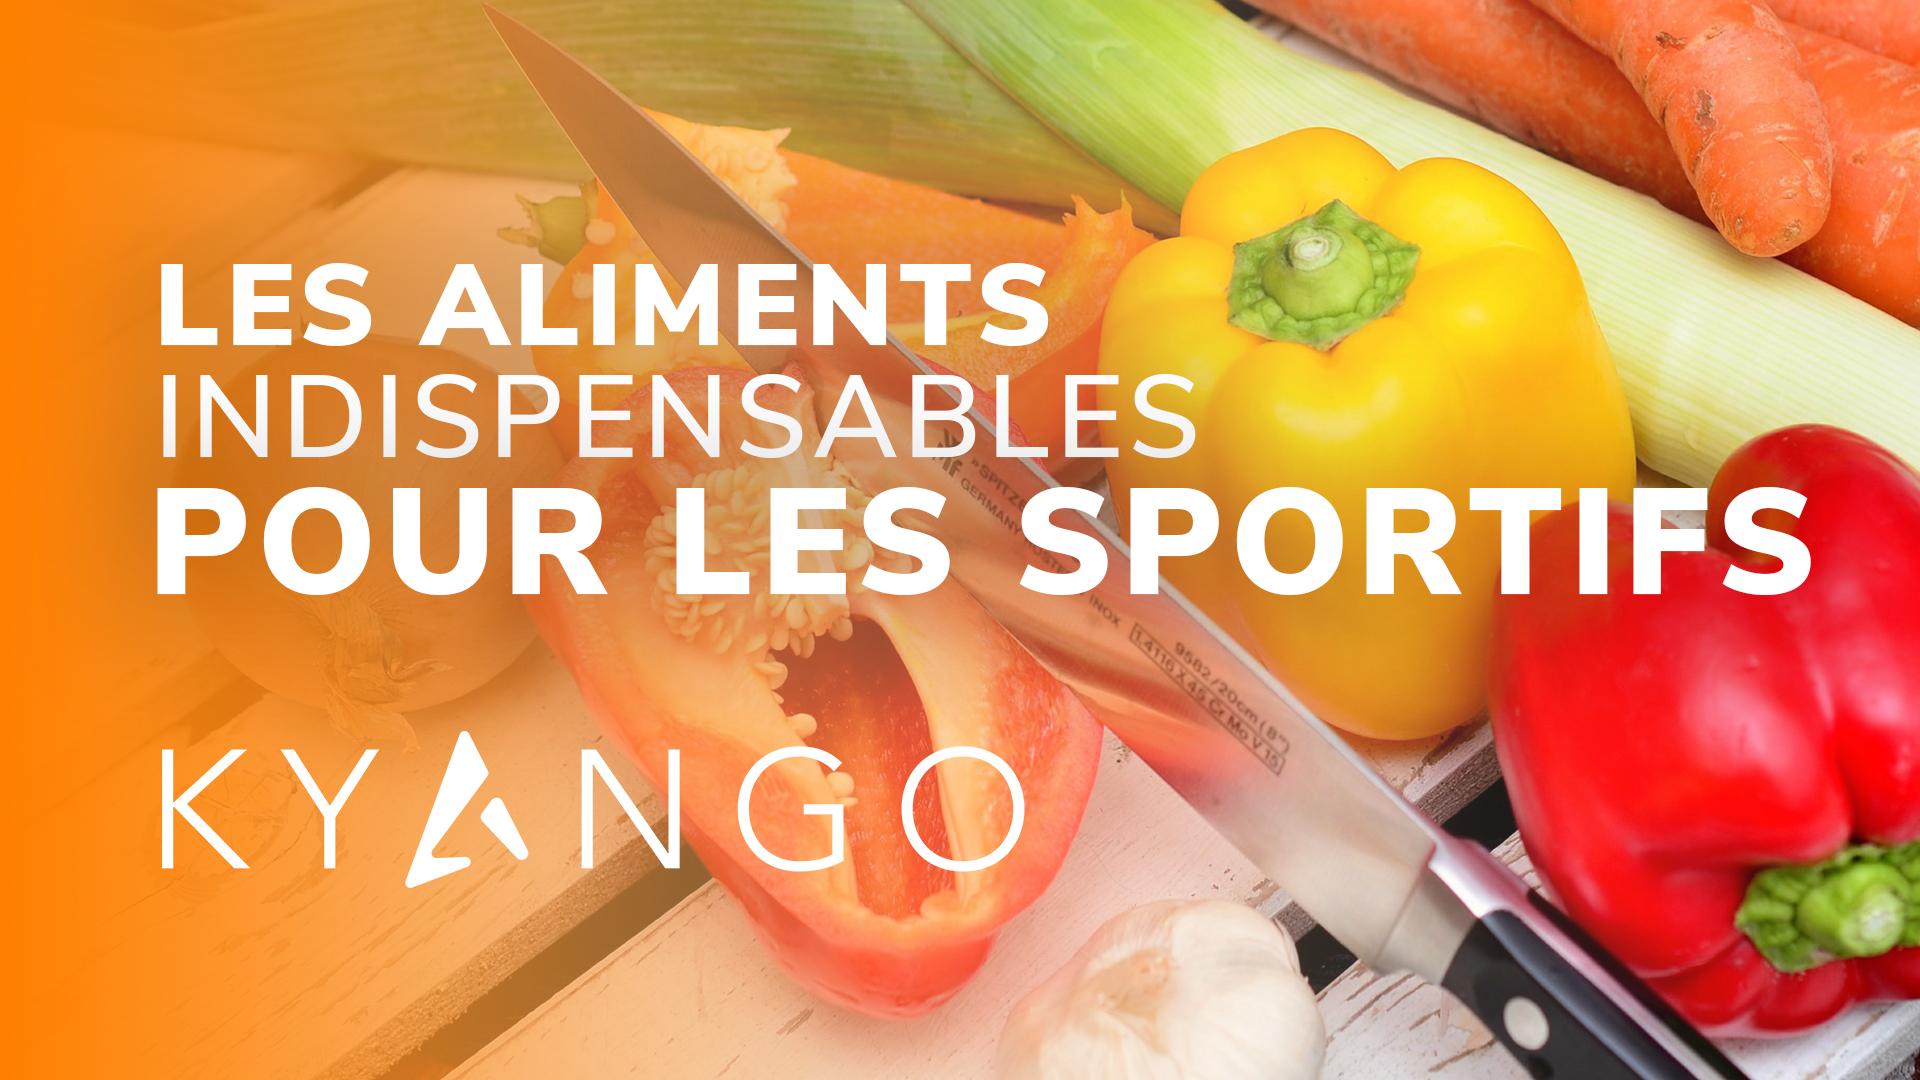 Les-aliments-indispensables-pour-les-sportifs